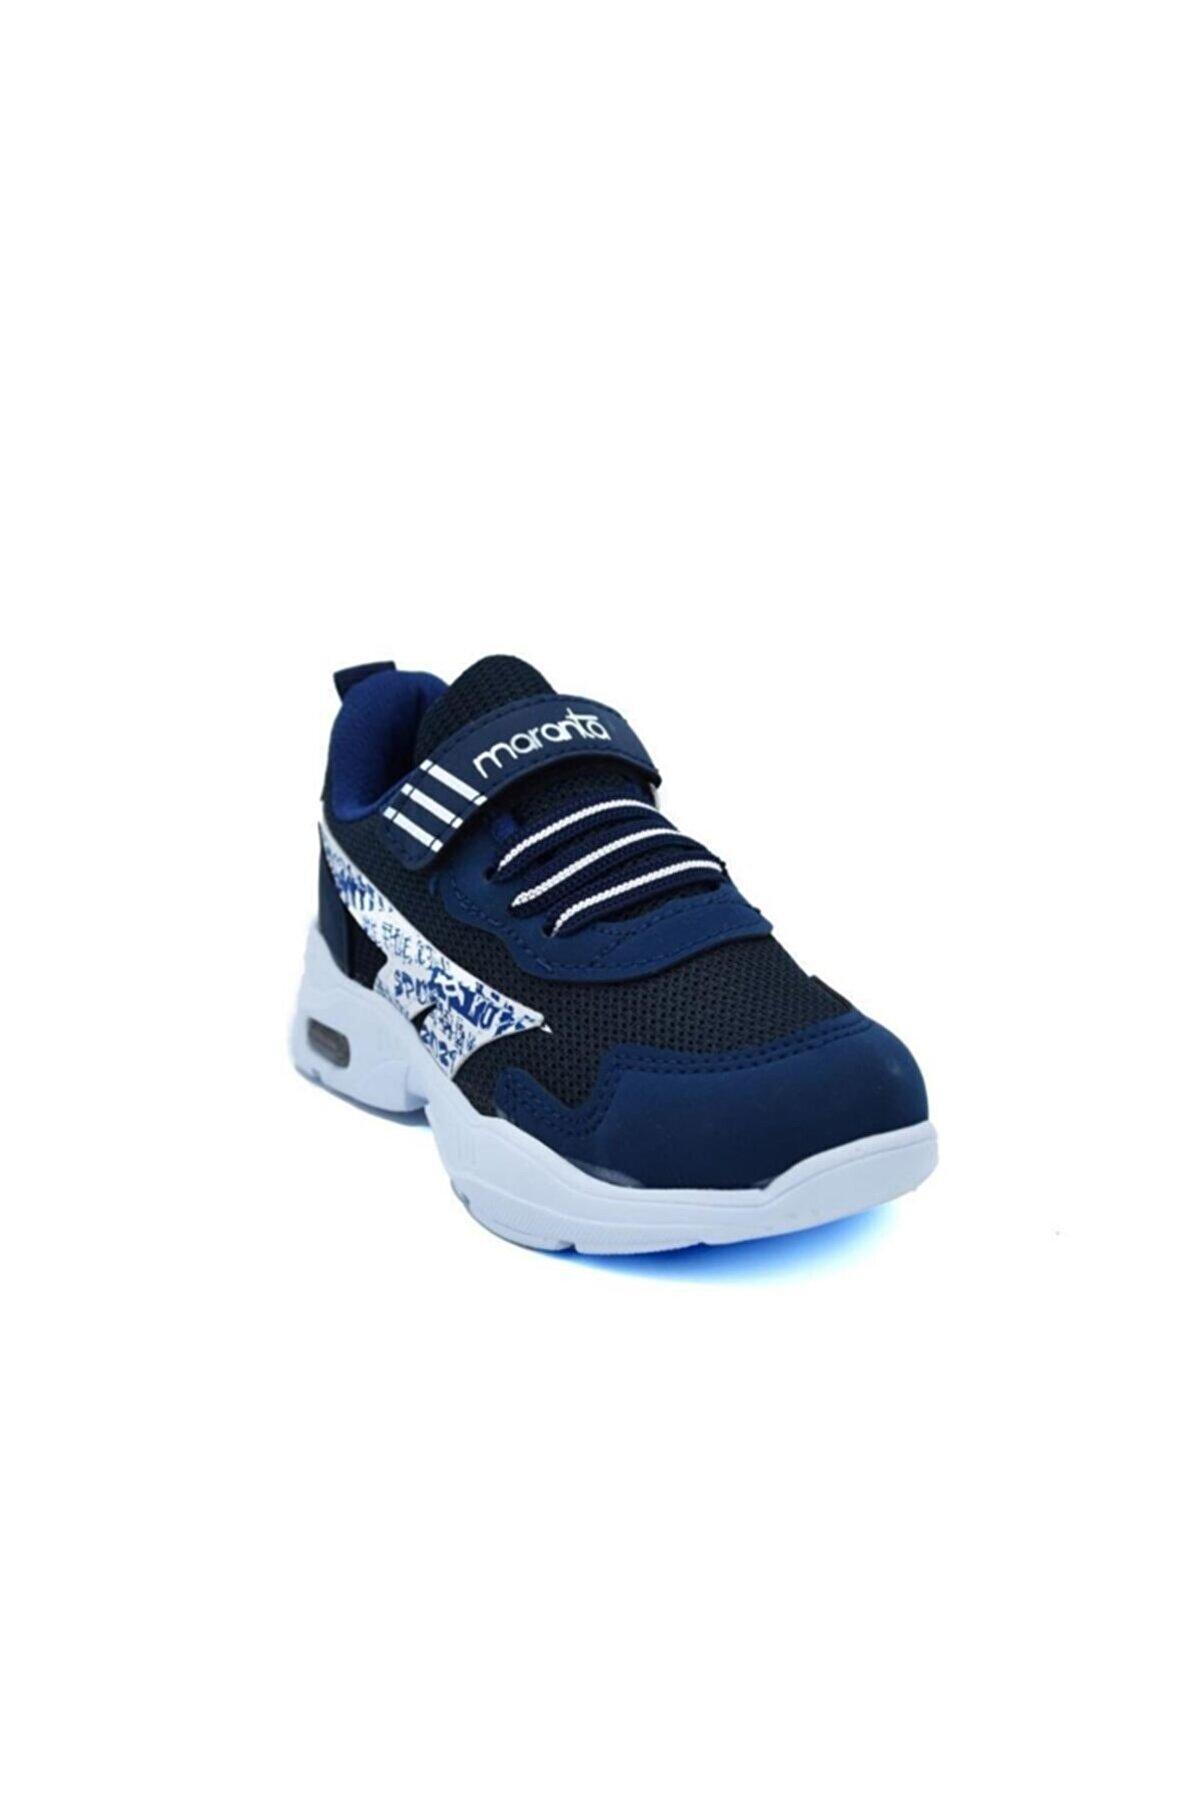 Maranta Erkek Çocuk Lacivert Işıklı Spor Ayakkabı